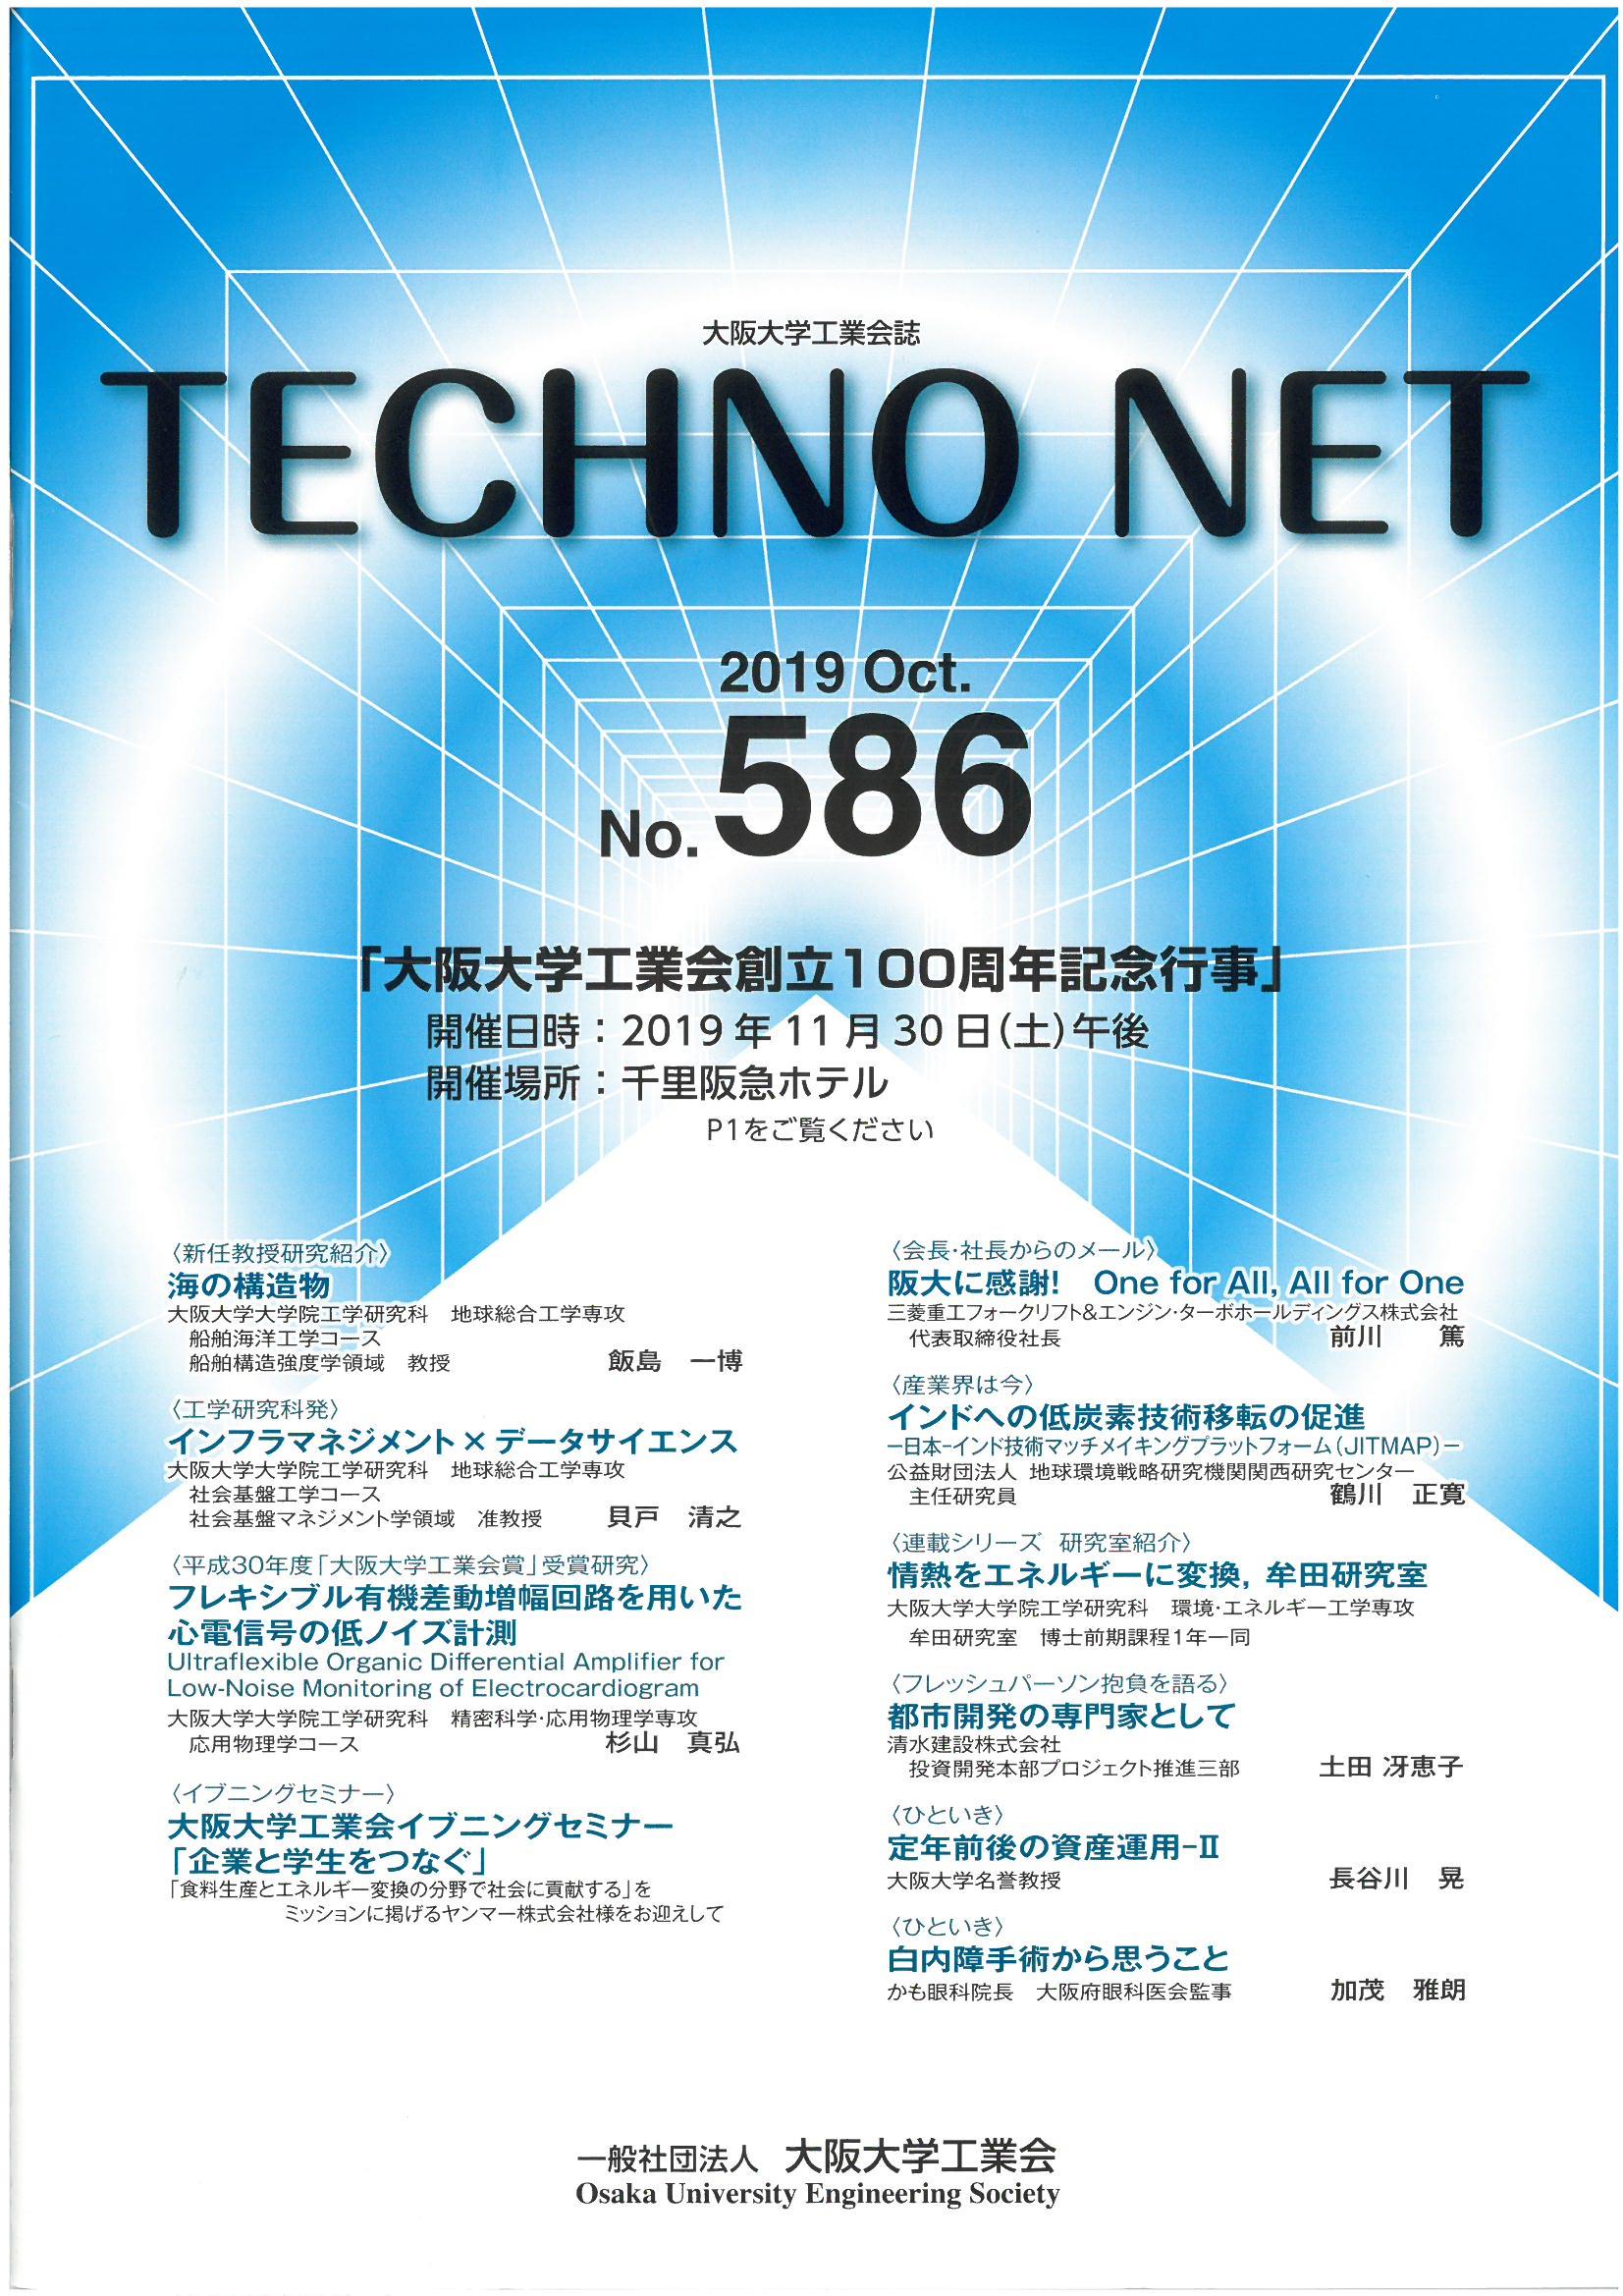 テクノネット(会誌)